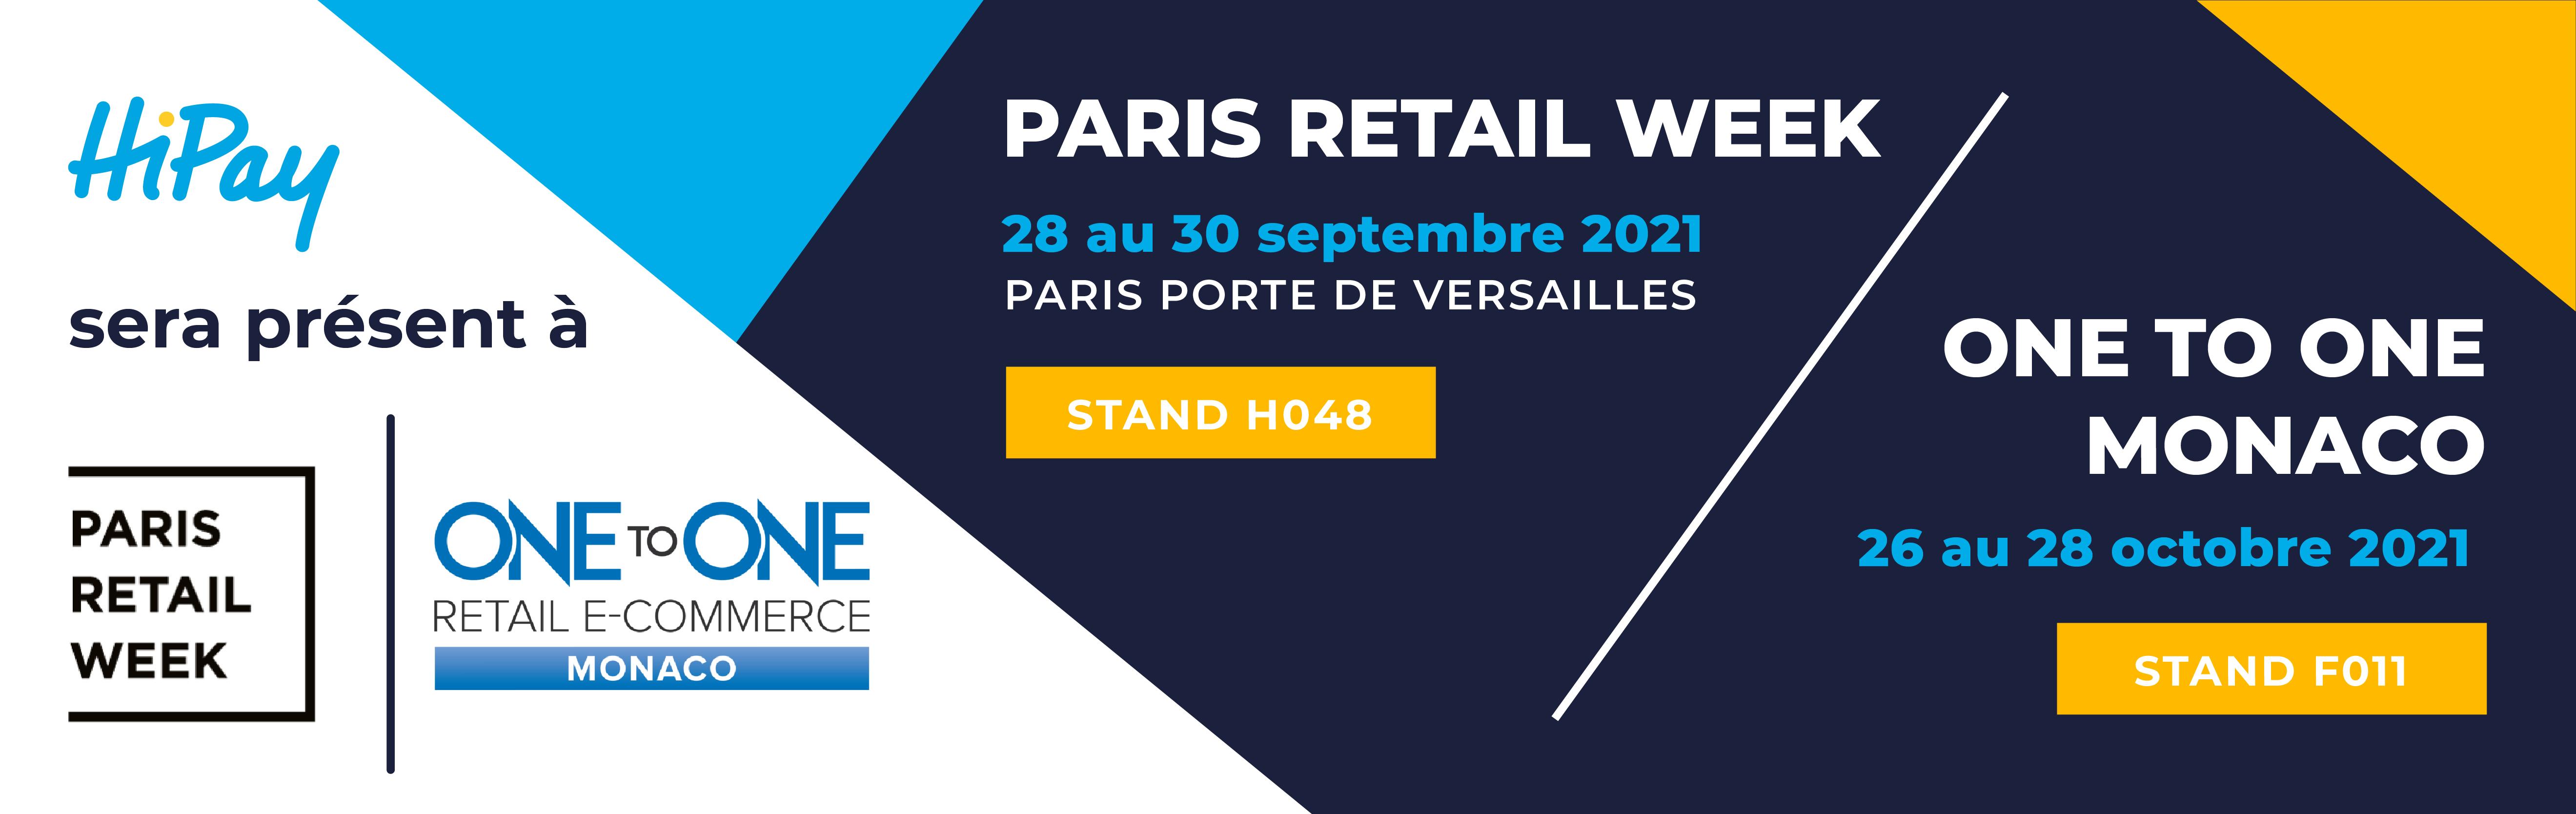 VF Paris Retail Week & 1to1 2021